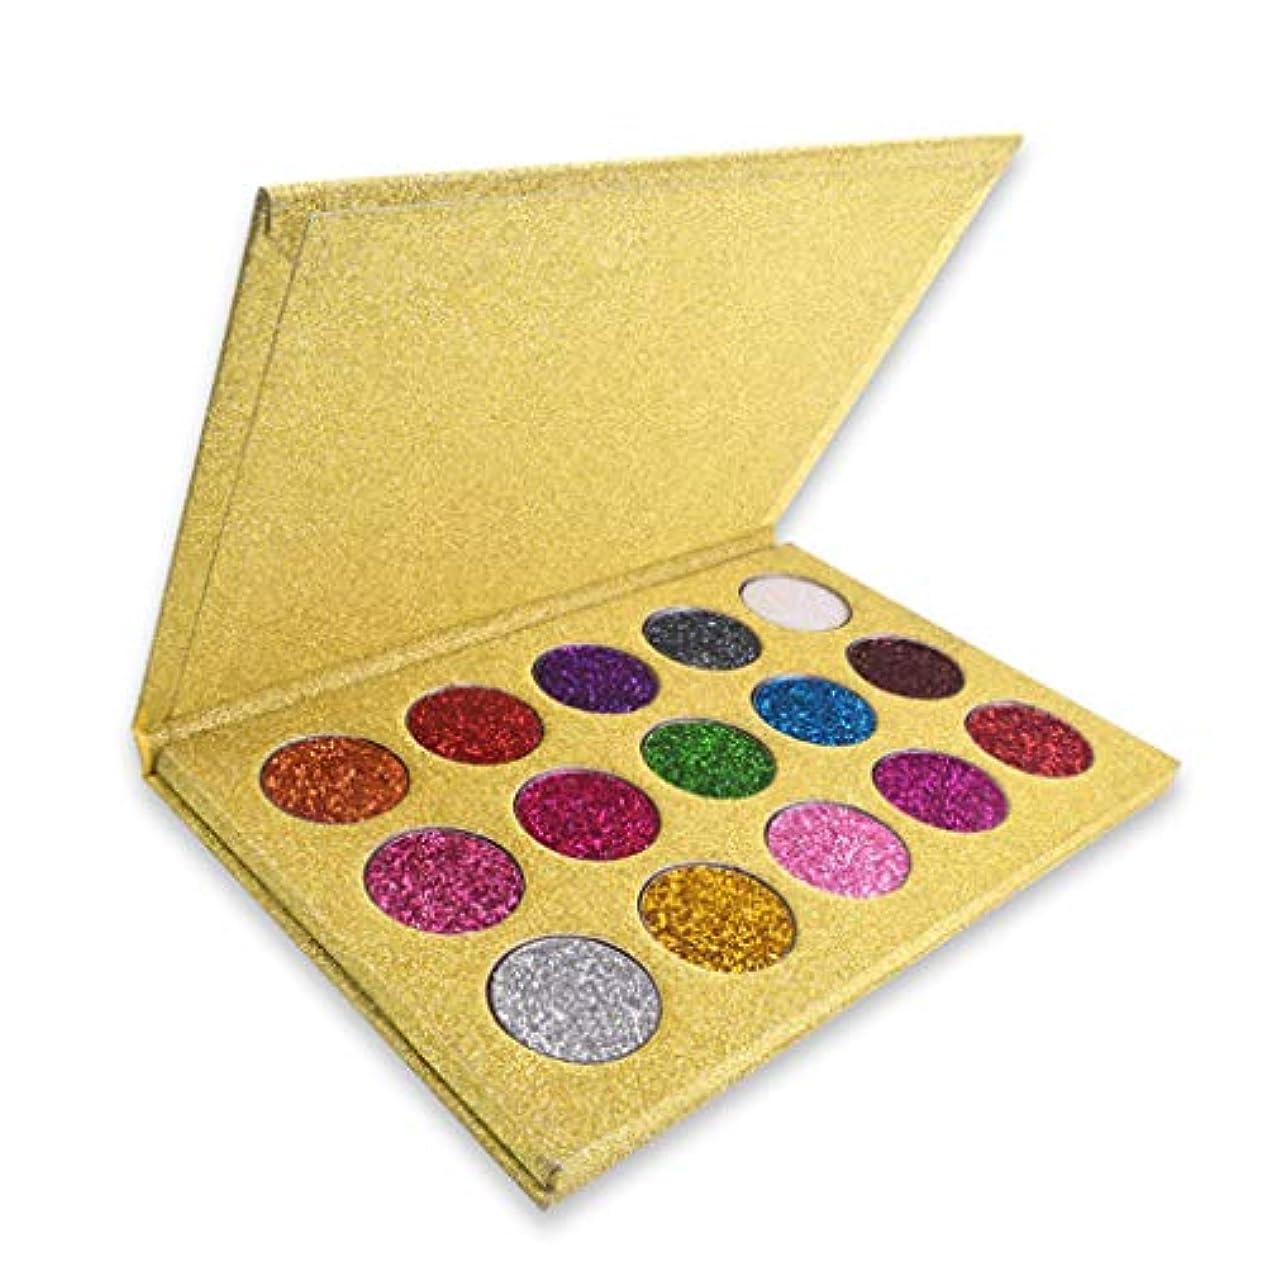 南西ゴージャス税金きらめき15色の光沢のある目の影のきらめきの粉パレット色の化粧品